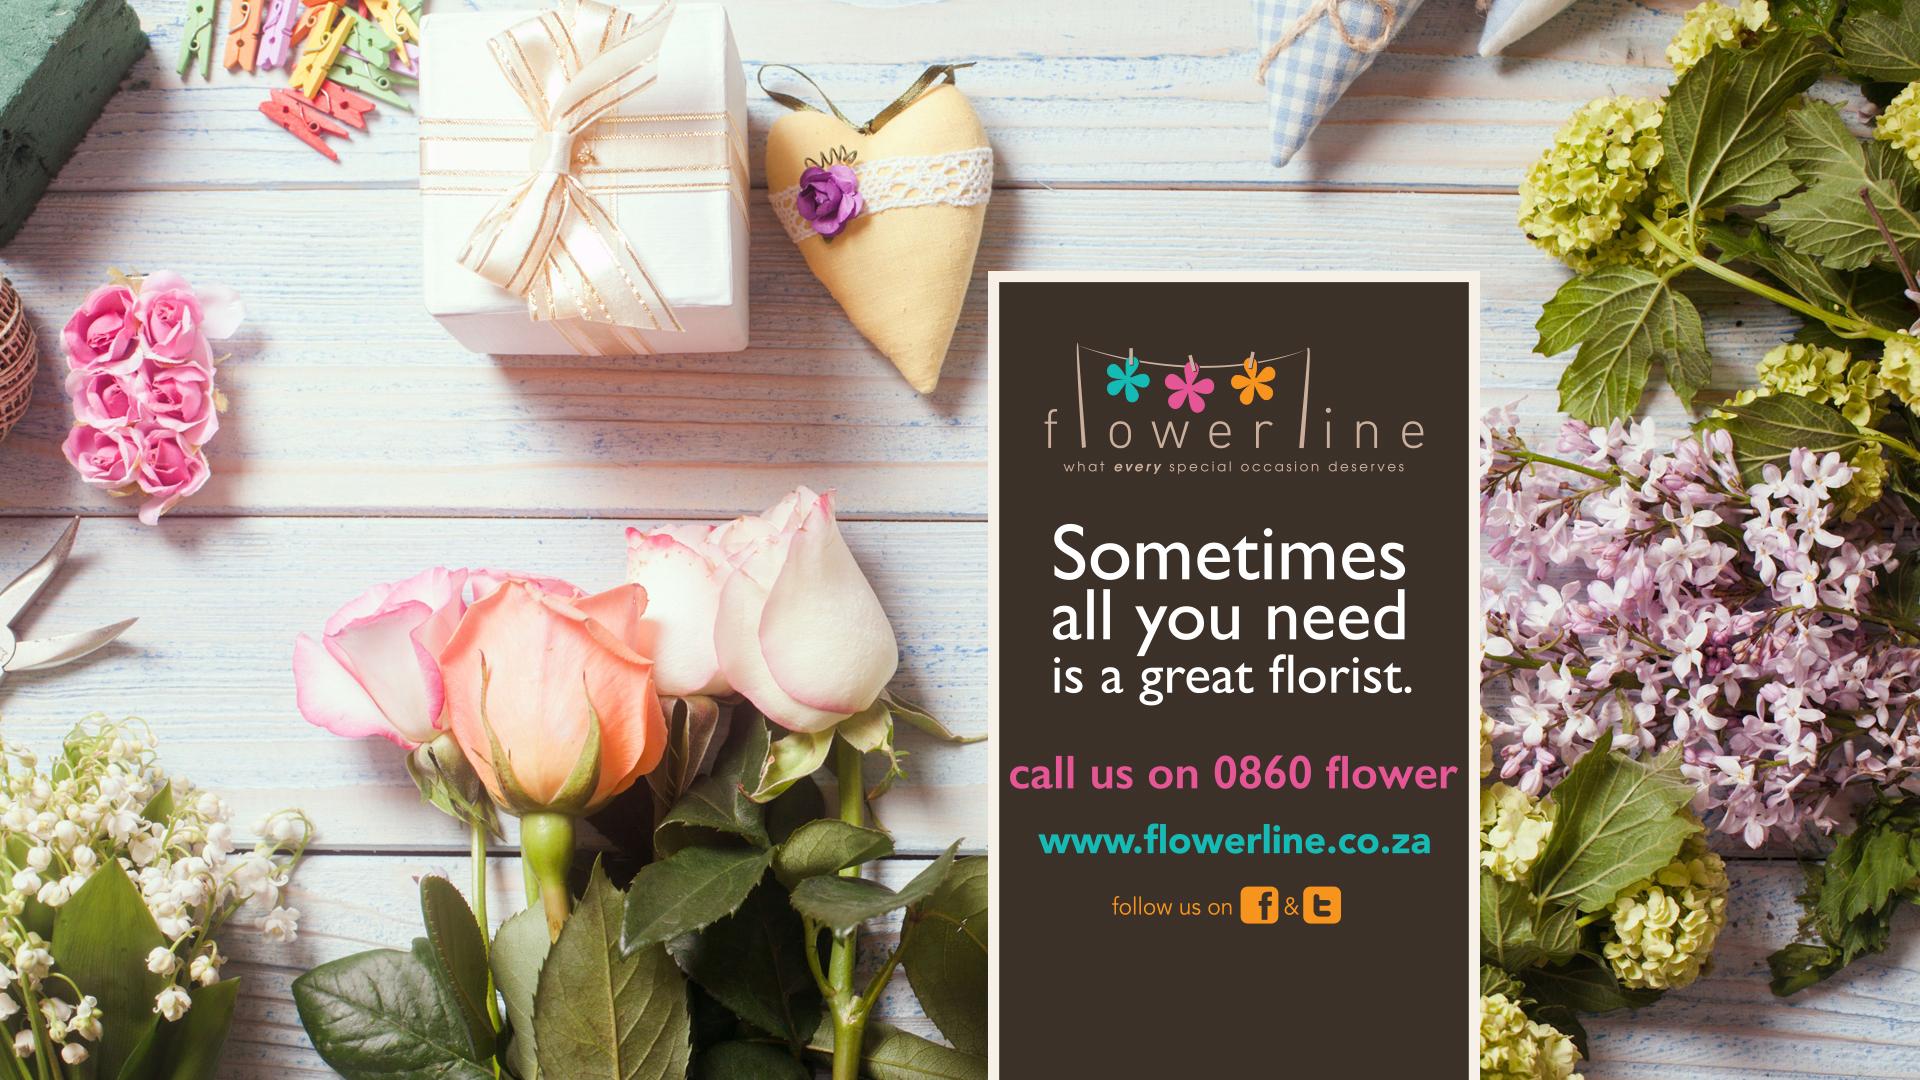 Flowerline printed advert